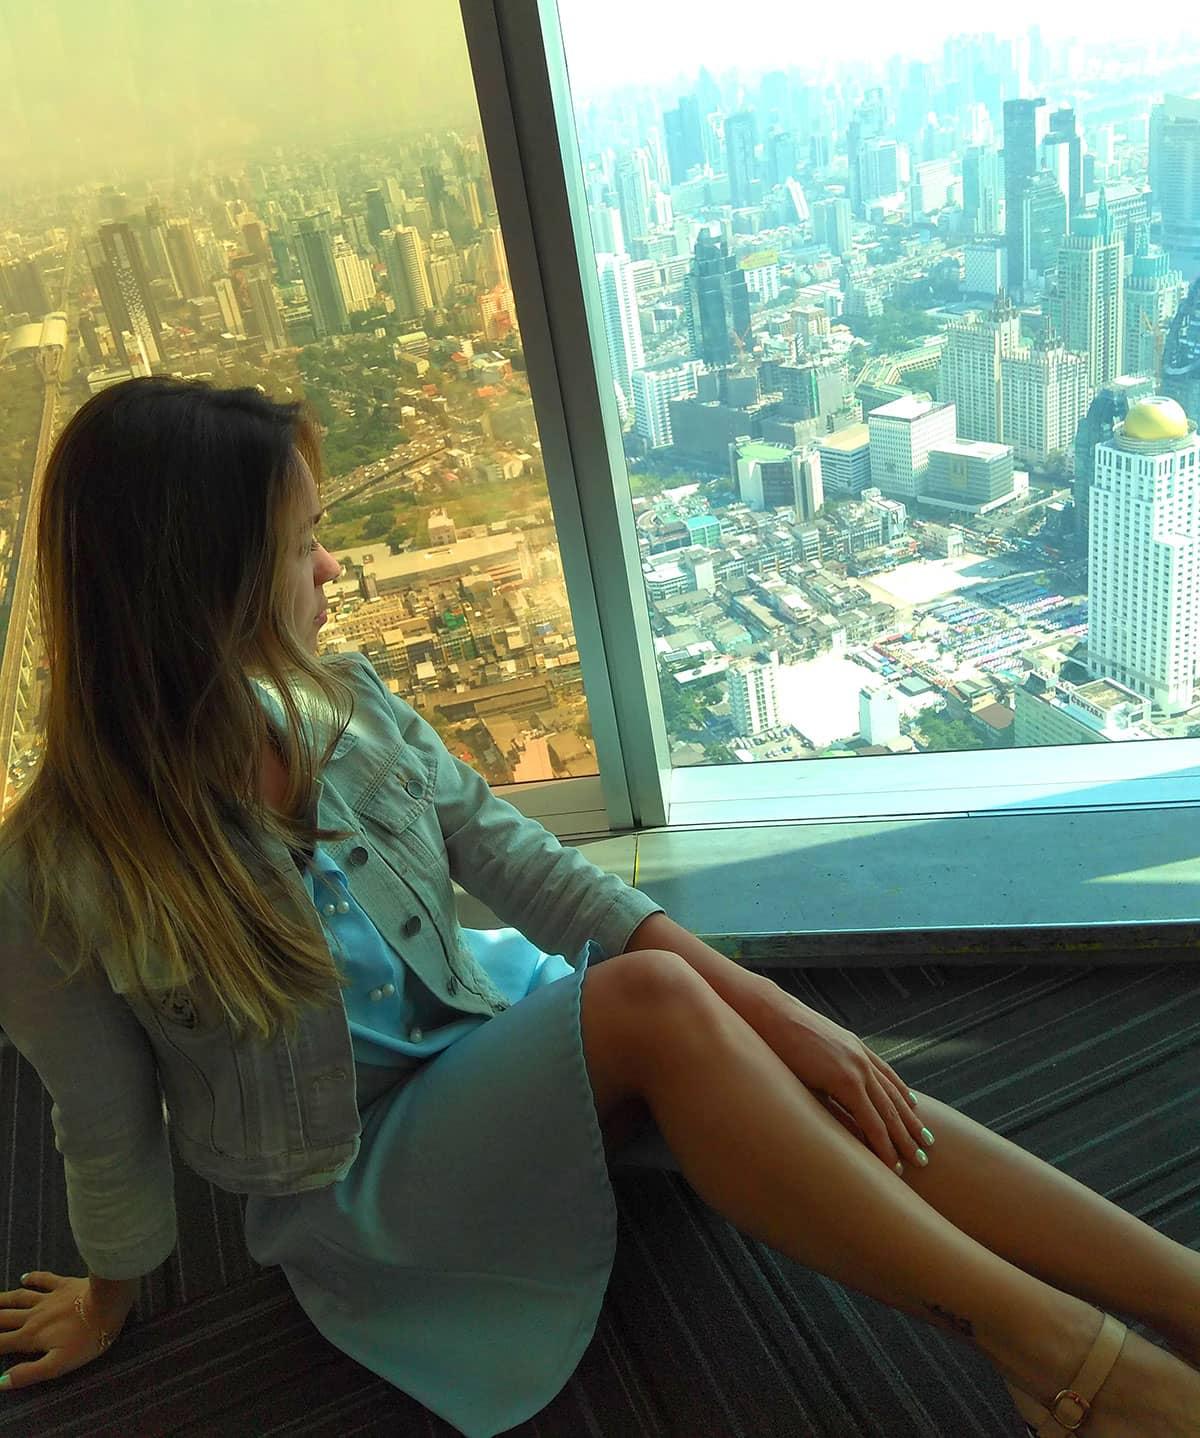 Обзорная башня Baiyoke Sky в Бангкоке